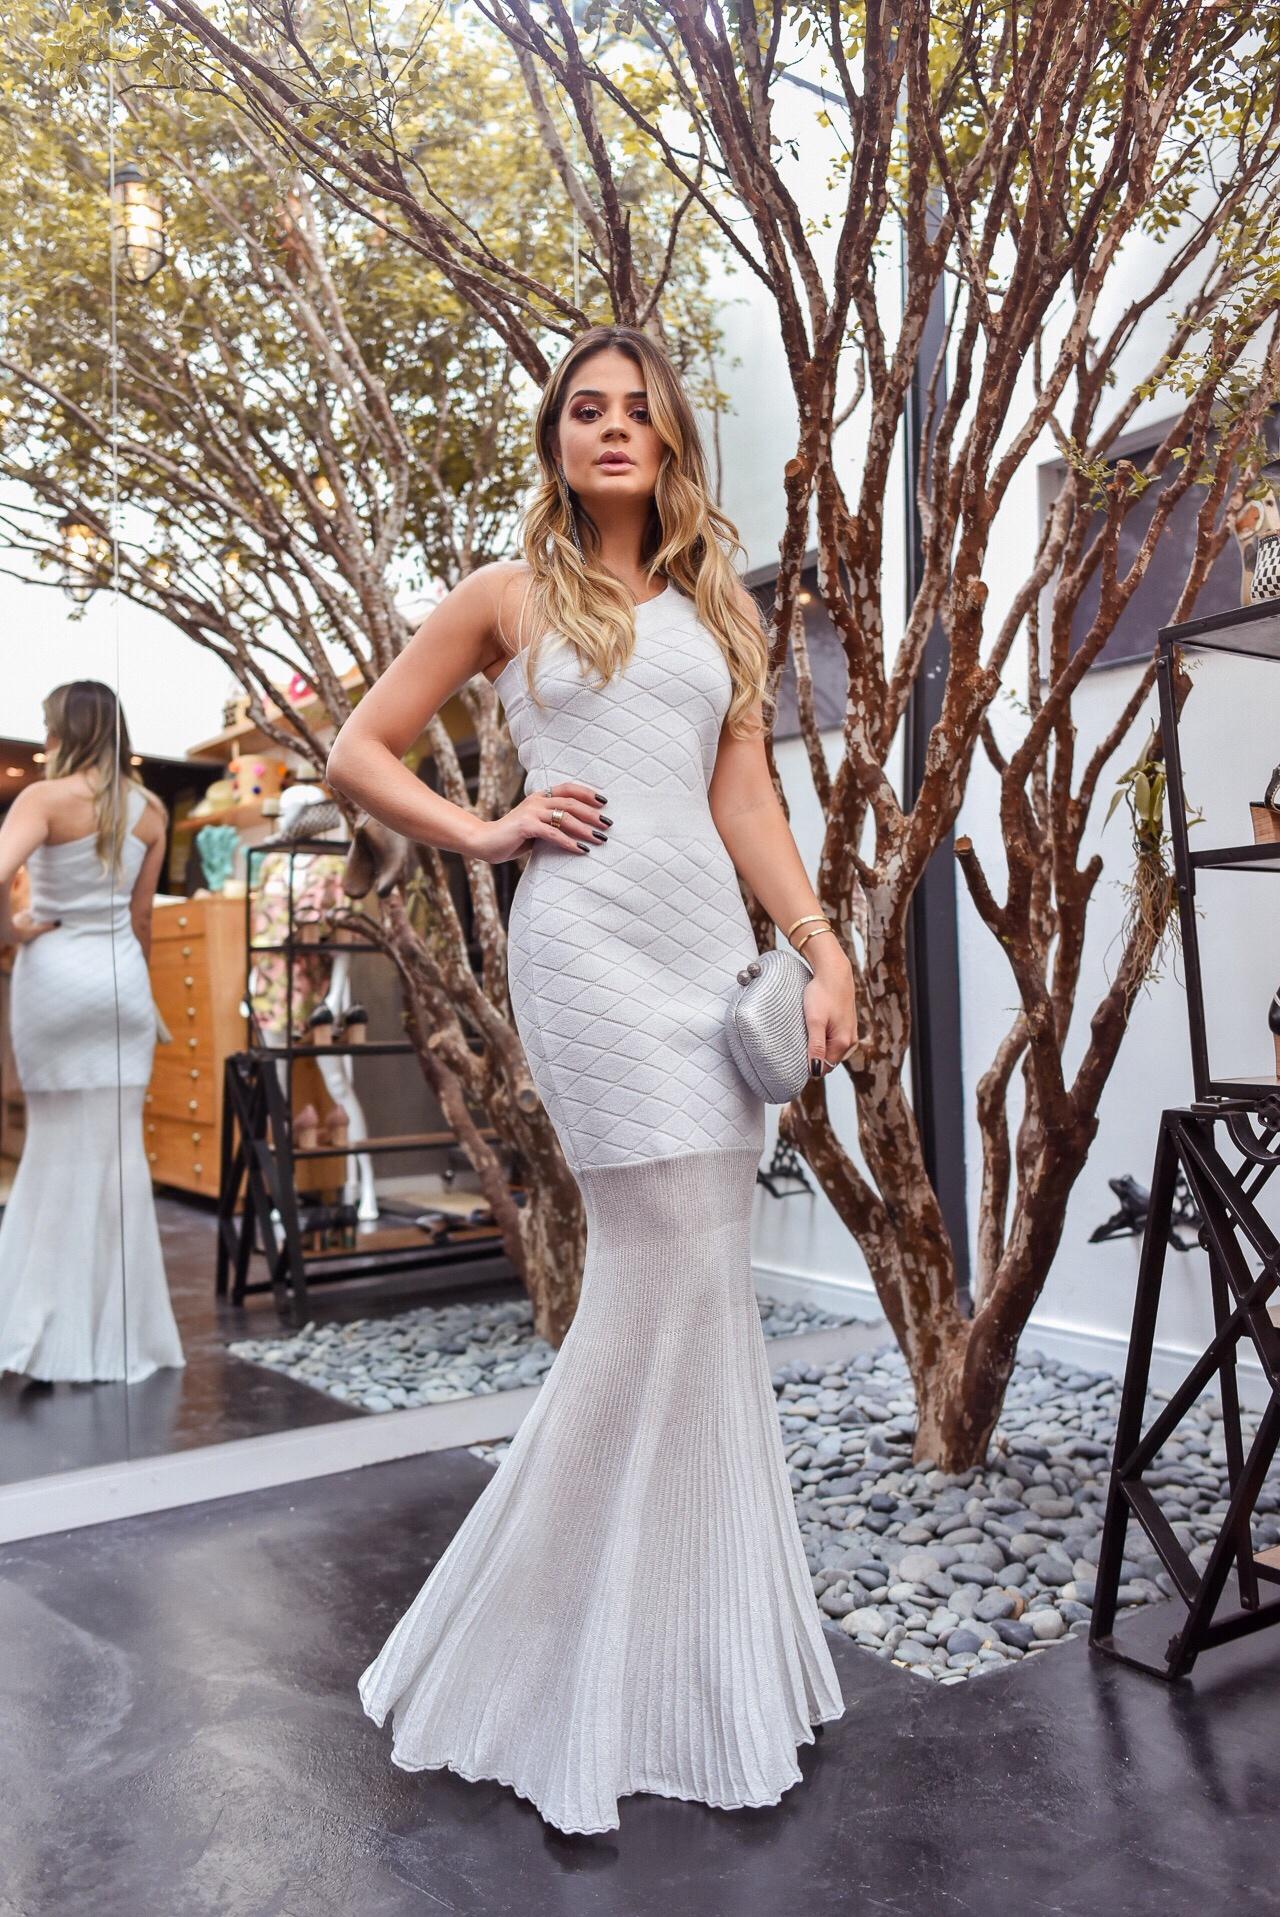 47ec1e3fd88f Vestido longo branco: 60 inspirações que provam a versatilidade da peça